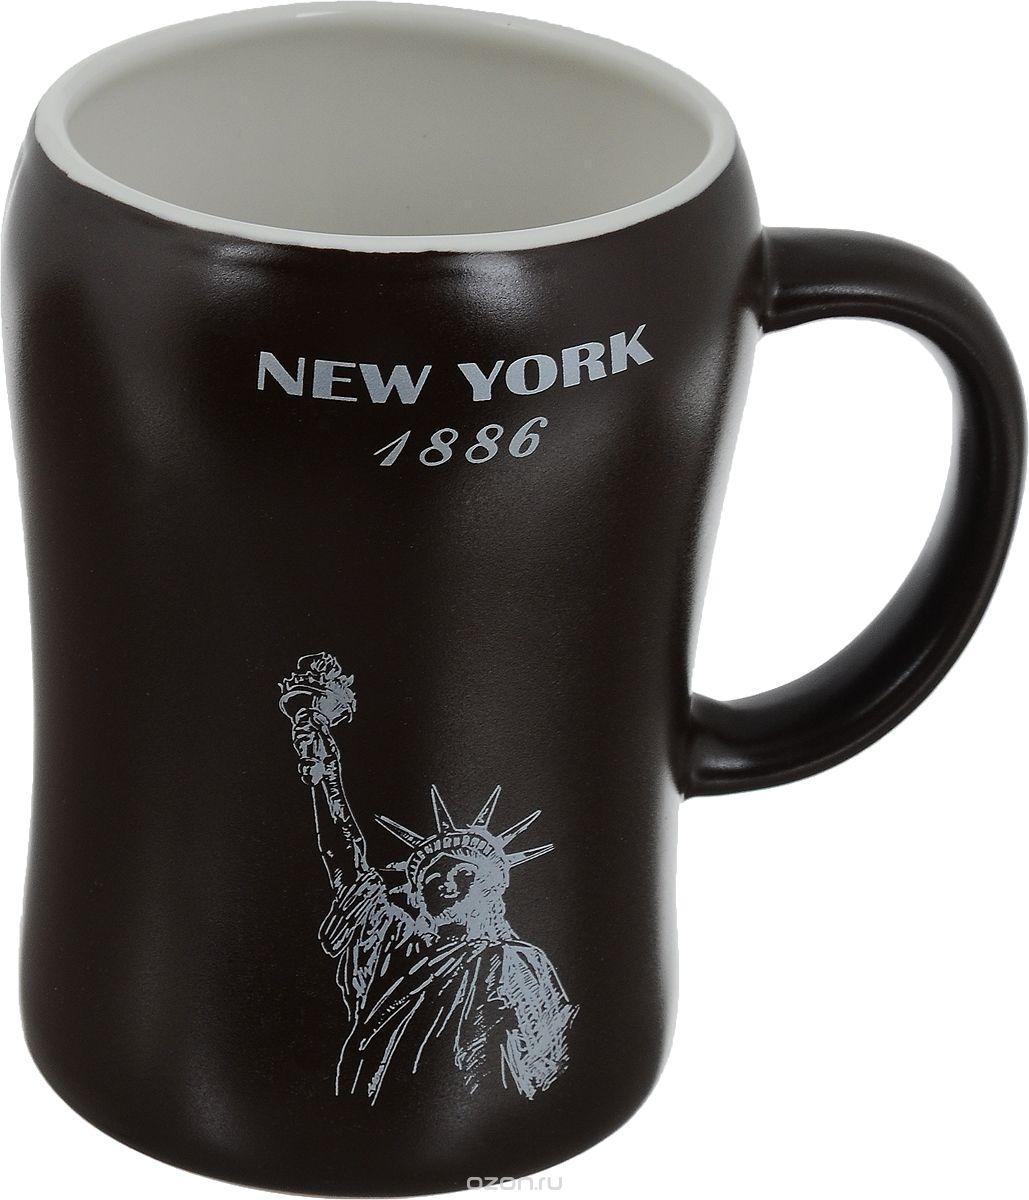 Кружка пивная Bella New York, 500 мл кружки экспедиция пивная кружка литрбол 1 литр